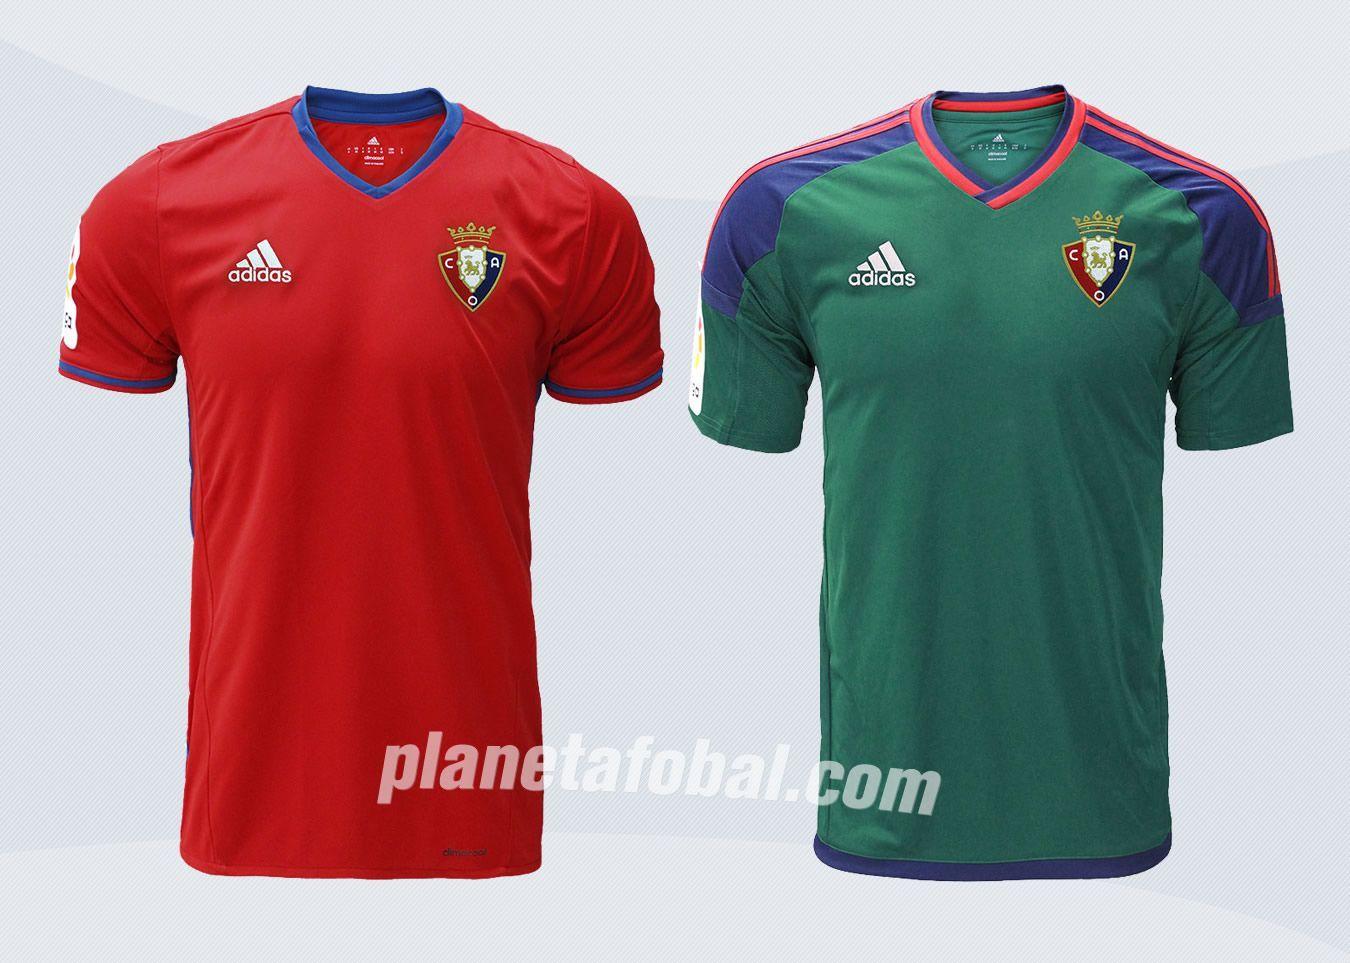 Camisetas Adidas del CA Osasuna para 2016/2017 | Imágenes Tienda Oficial